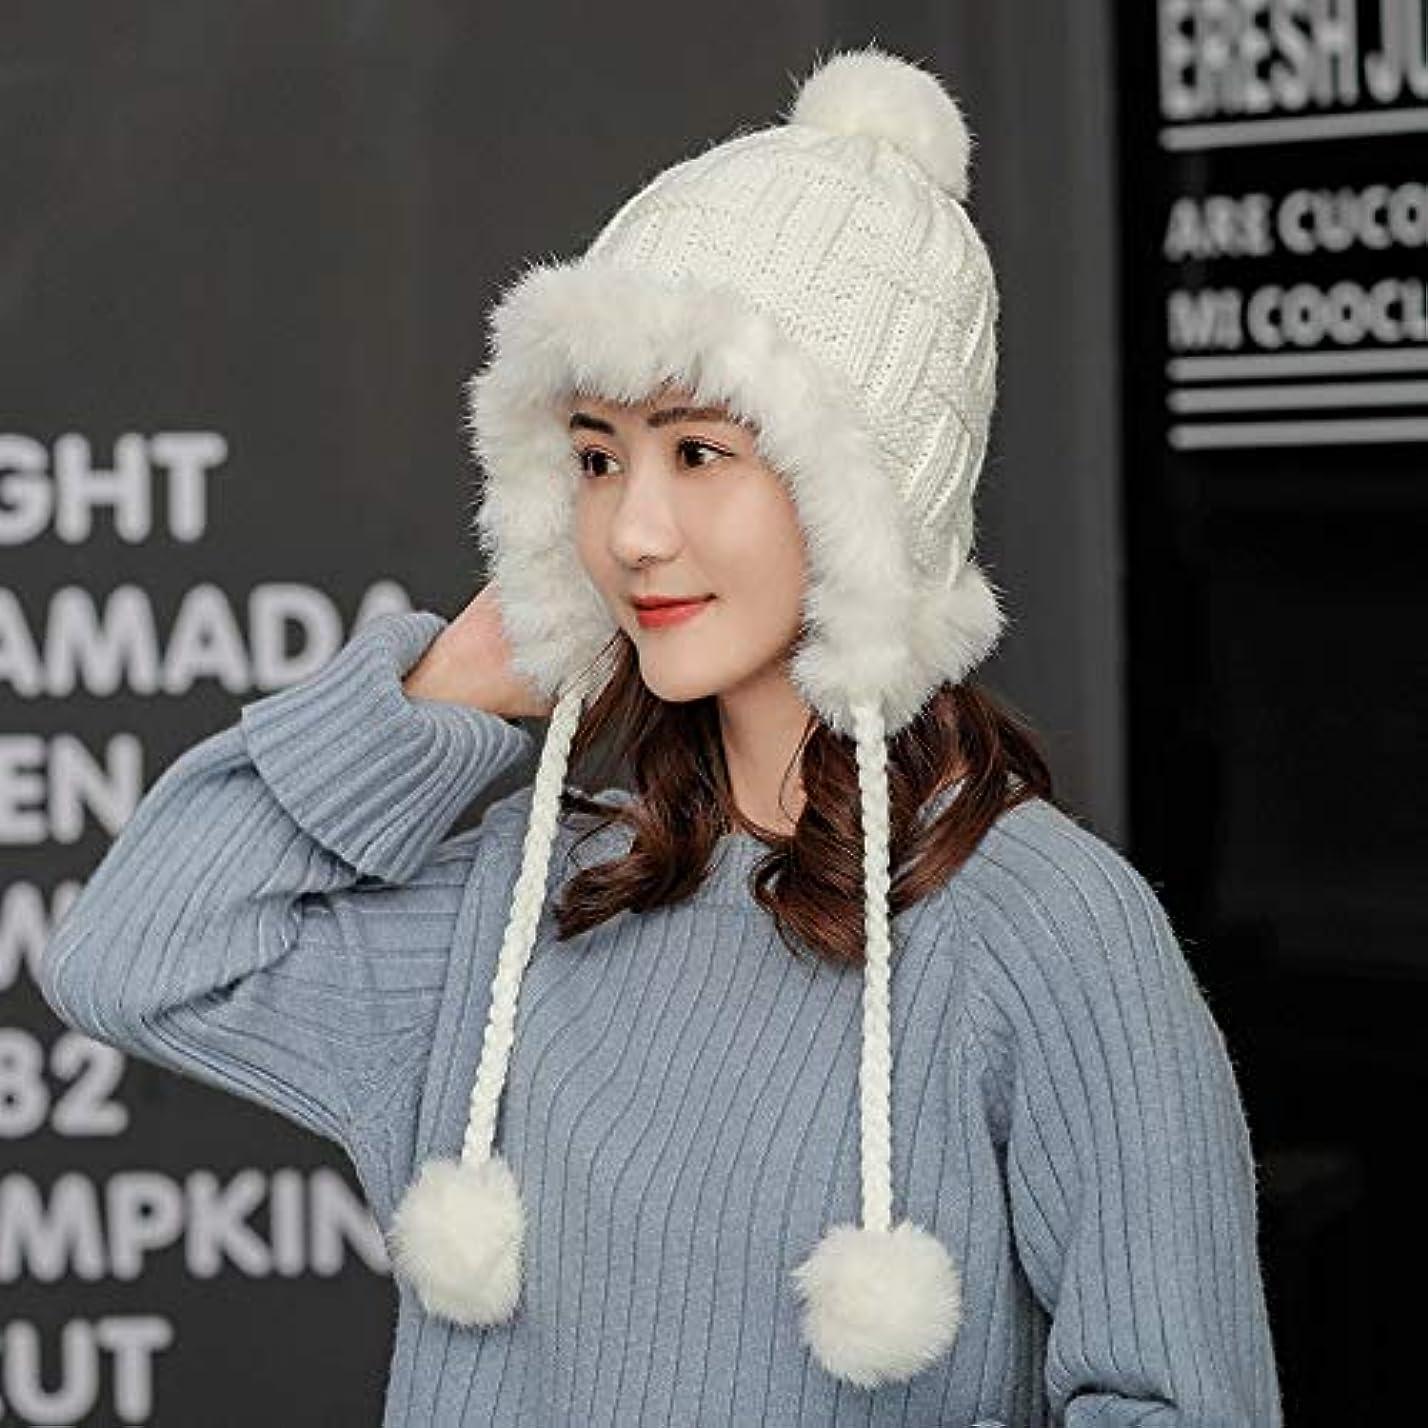 社会学広げる深めるHVTKLN 甘くて素敵な耳の毛玉ニット帽子潮のウールキャップ雷鋒帽子女性の秋と冬の日暖かい冬の韓国語バージョン HVTKLN (Color : Milk white, Size : 55-60CM)